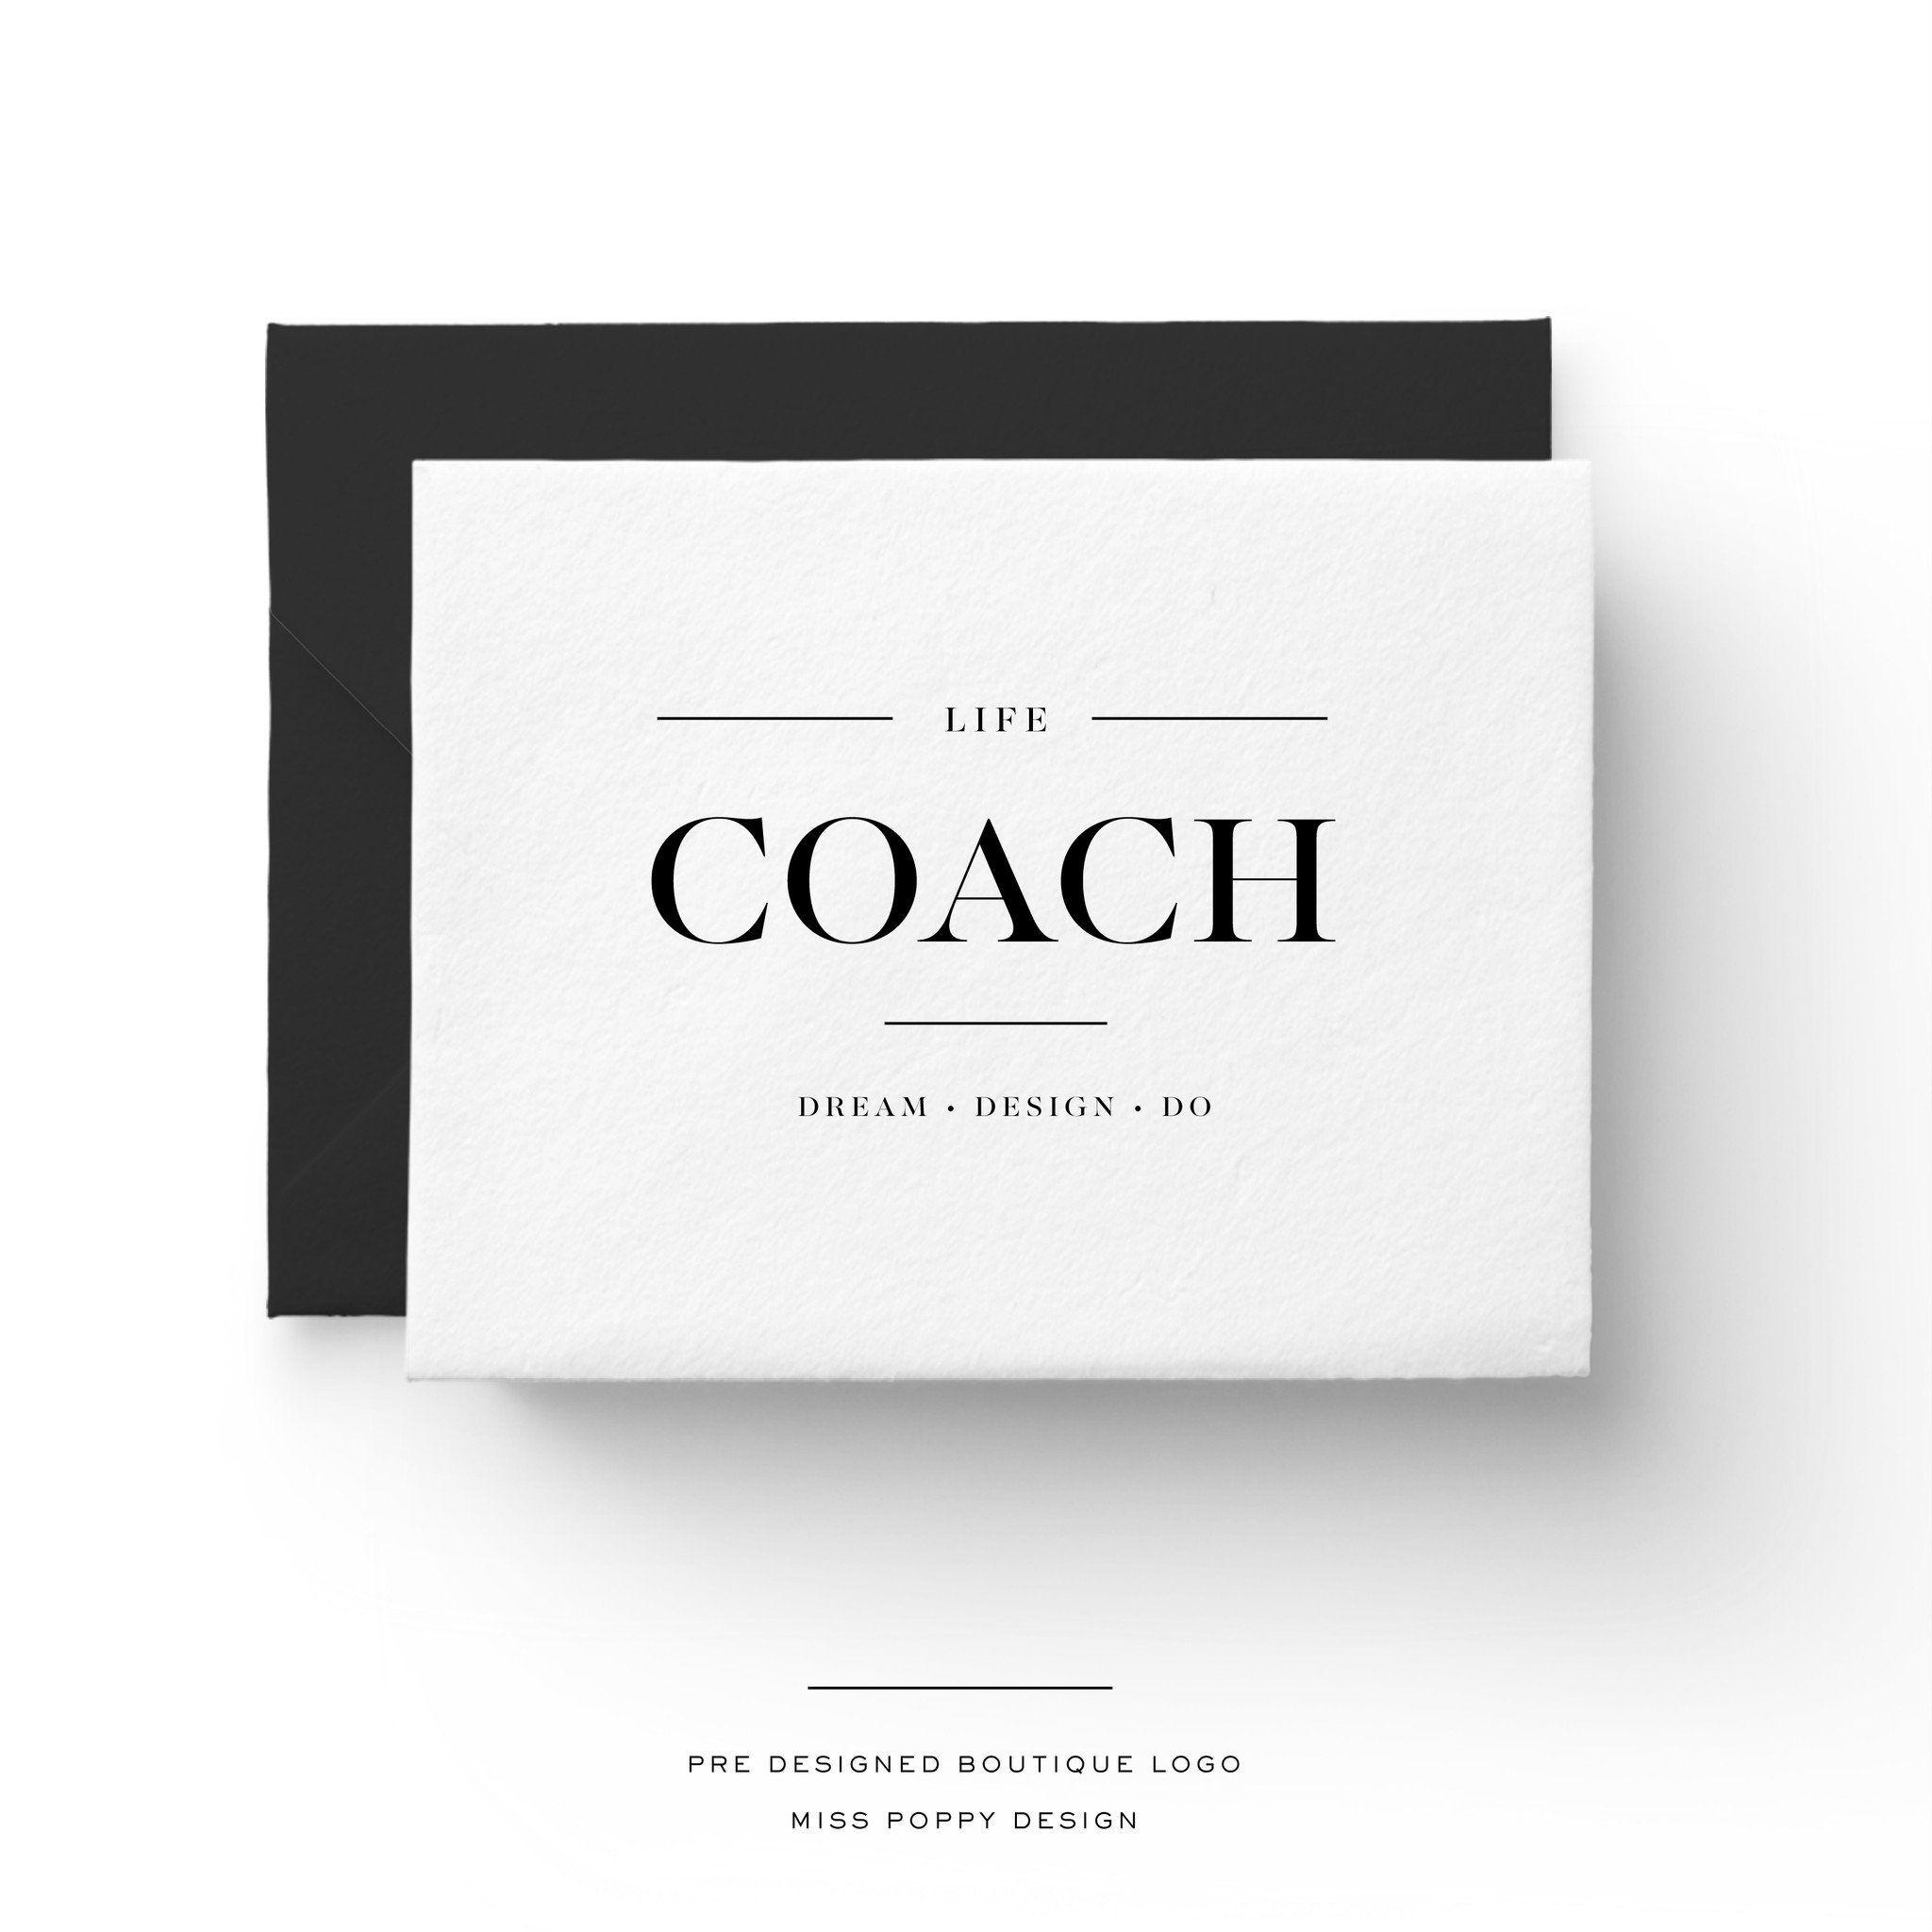 Life Coach- Pre Made Designer Logo | Business card logo design ...